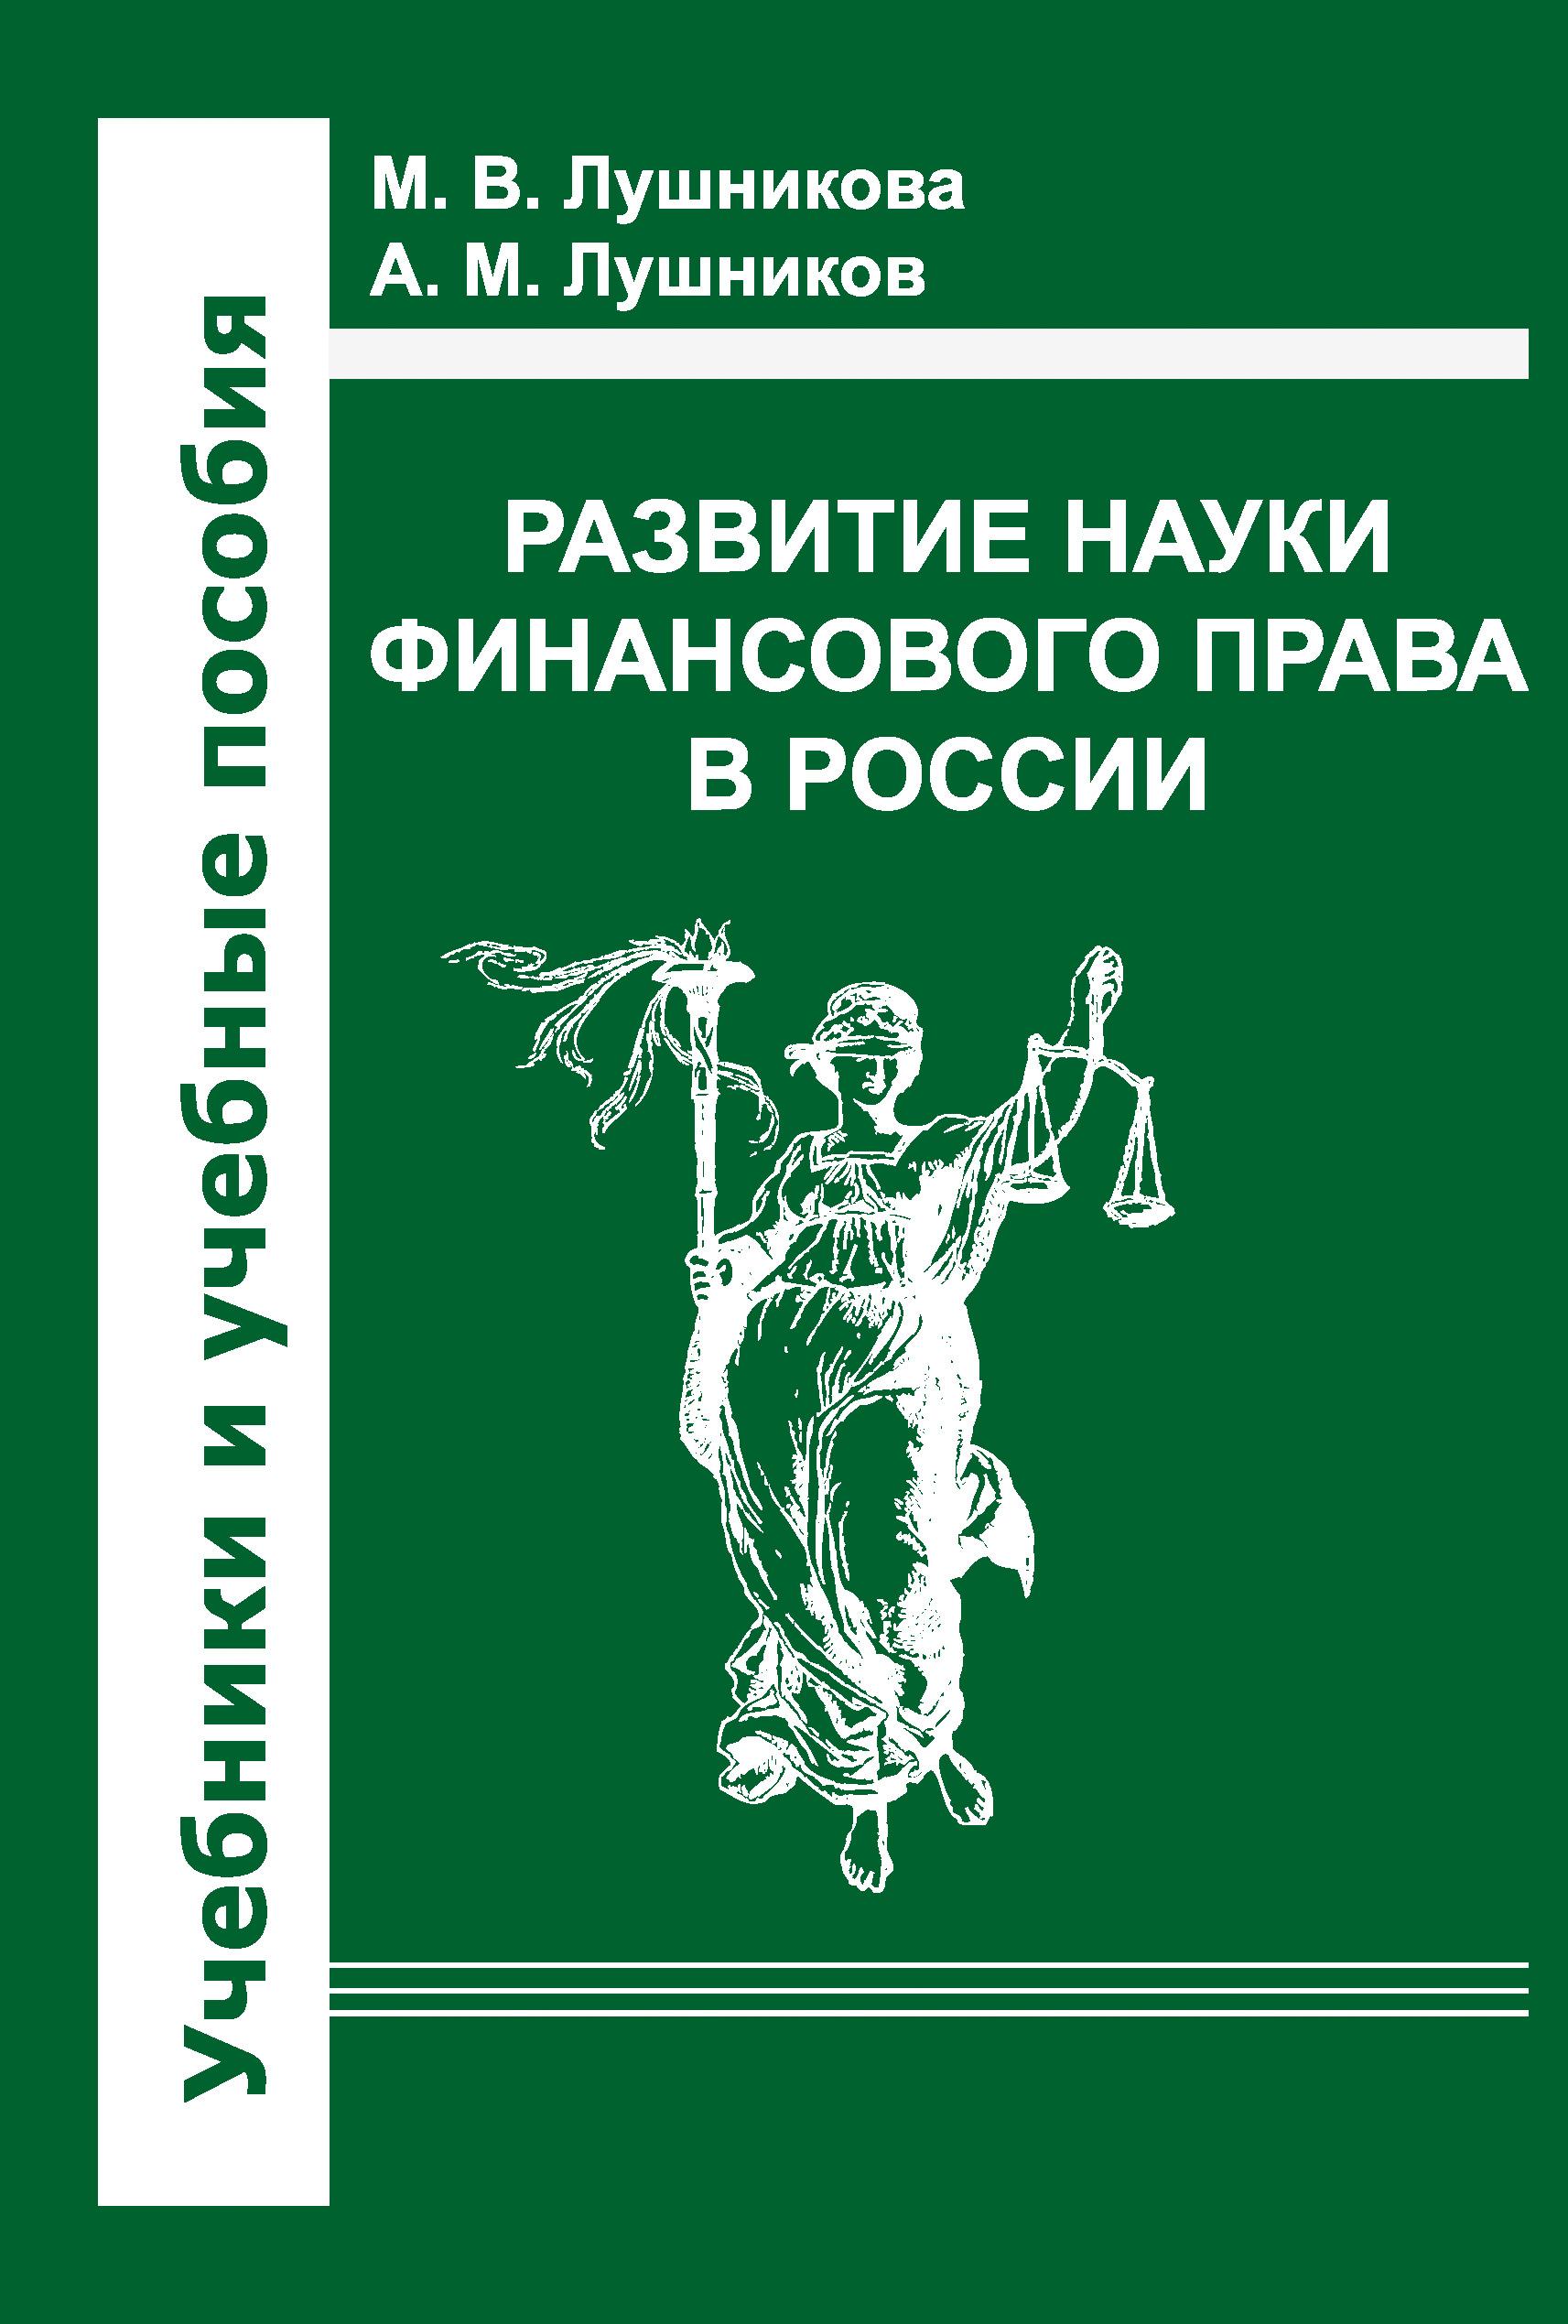 А. М. Лушников Развитие науки финансового права в России зорькин в цивилизация права и развитие россии